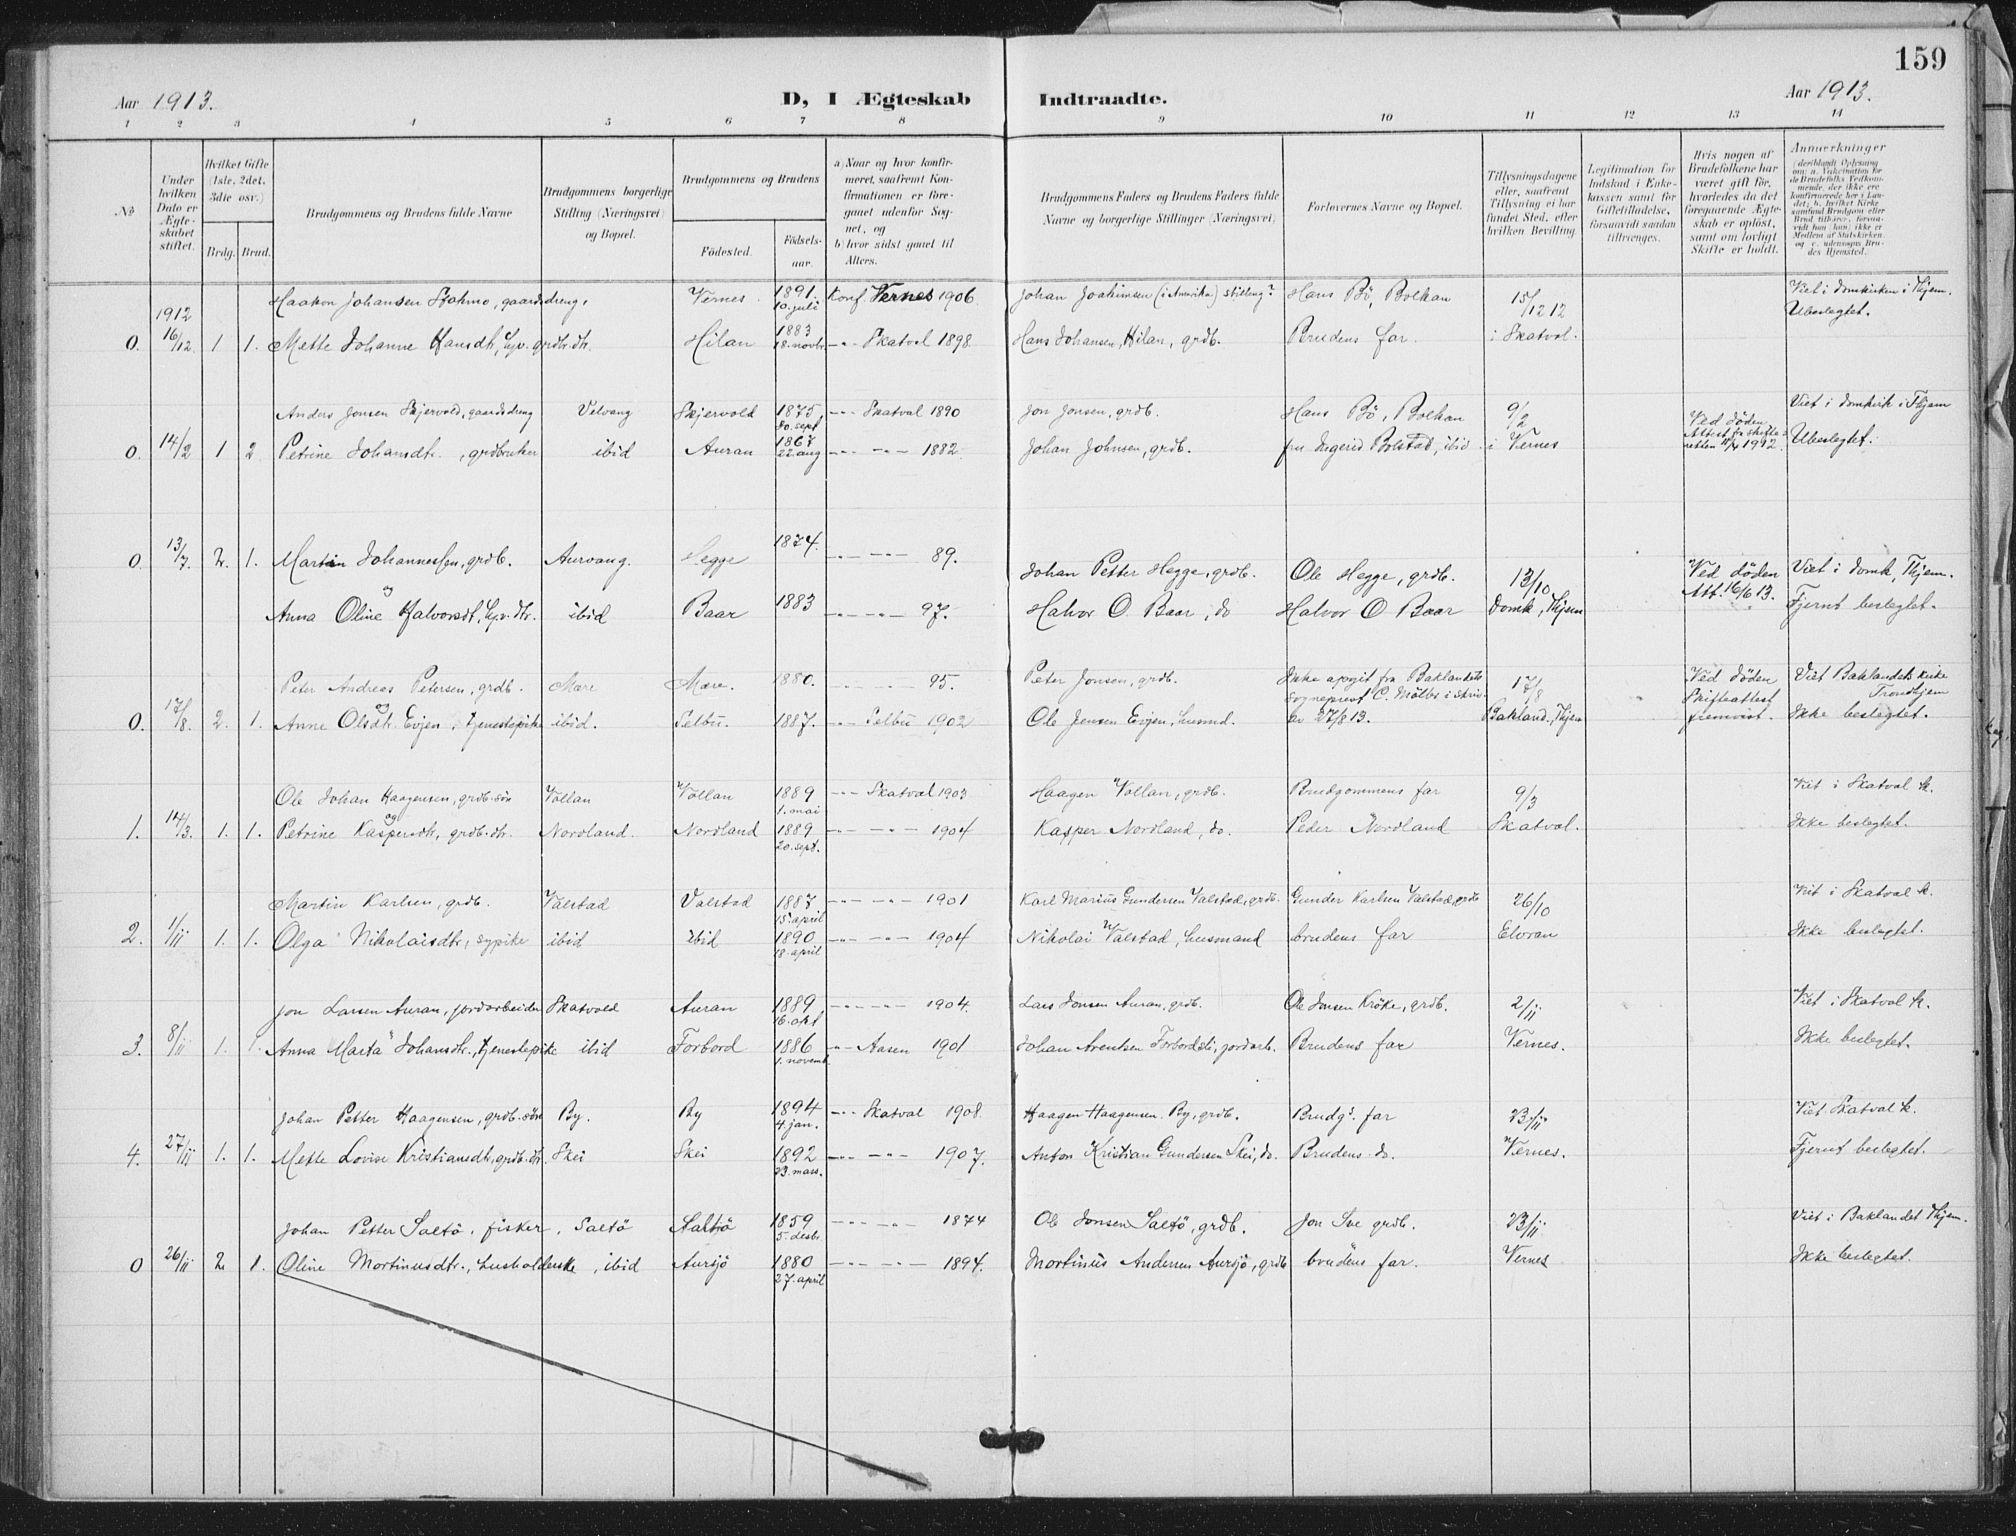 SAT, Ministerialprotokoller, klokkerbøker og fødselsregistre - Nord-Trøndelag, 712/L0101: Ministerialbok nr. 712A02, 1901-1916, s. 159